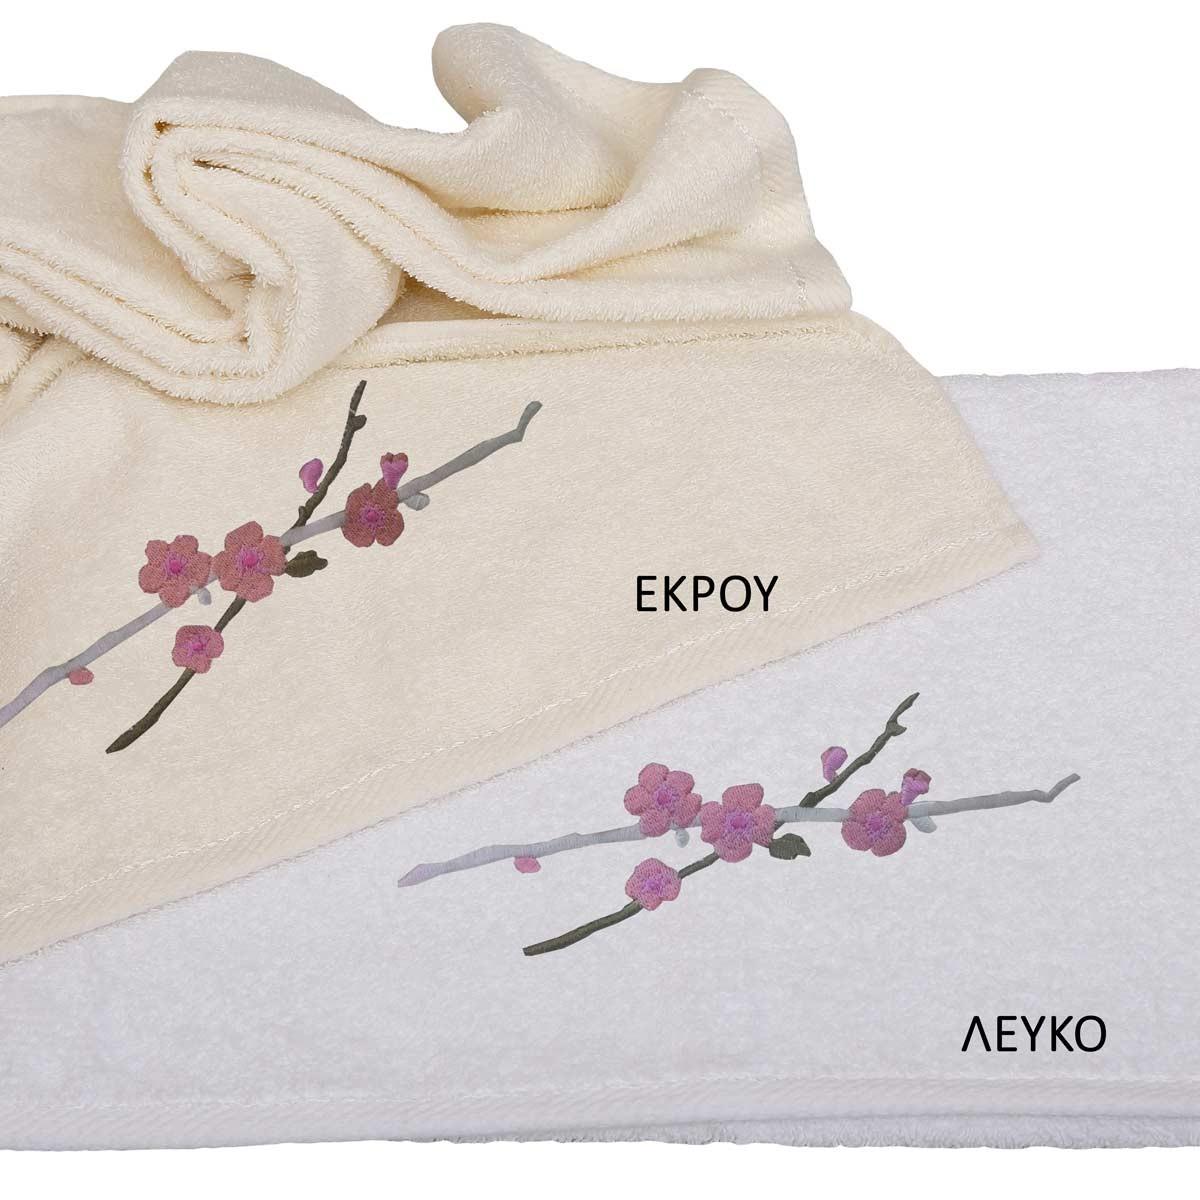 Πετσέτες Μπάνιου (Σετ 3τμχ) Viopros Applique Σχ28